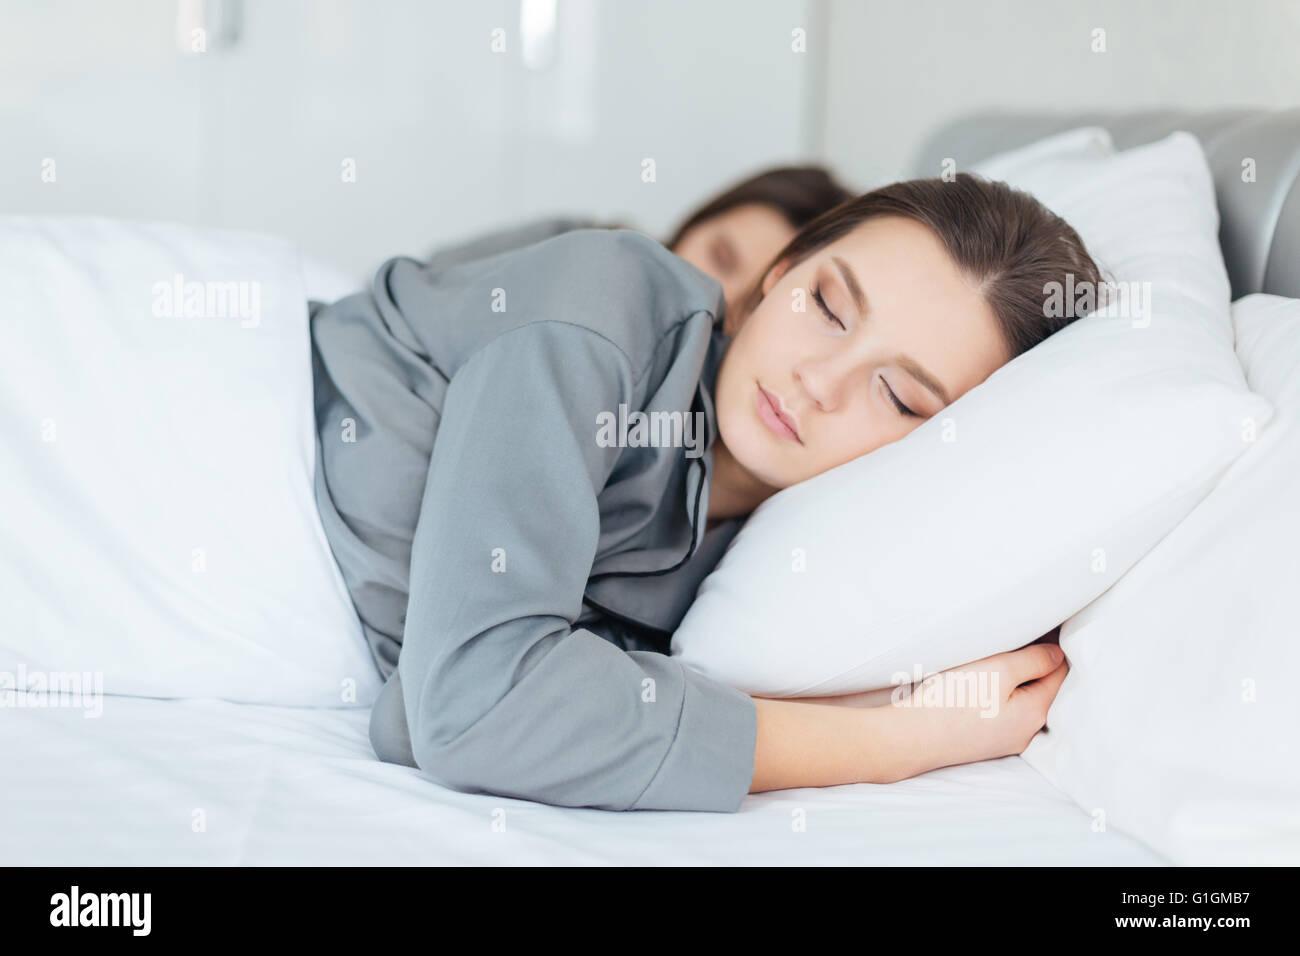 Трахнул красивую сестру пока она спала, У брата и сестры одна комната на двоих - видео ролик 4 фотография